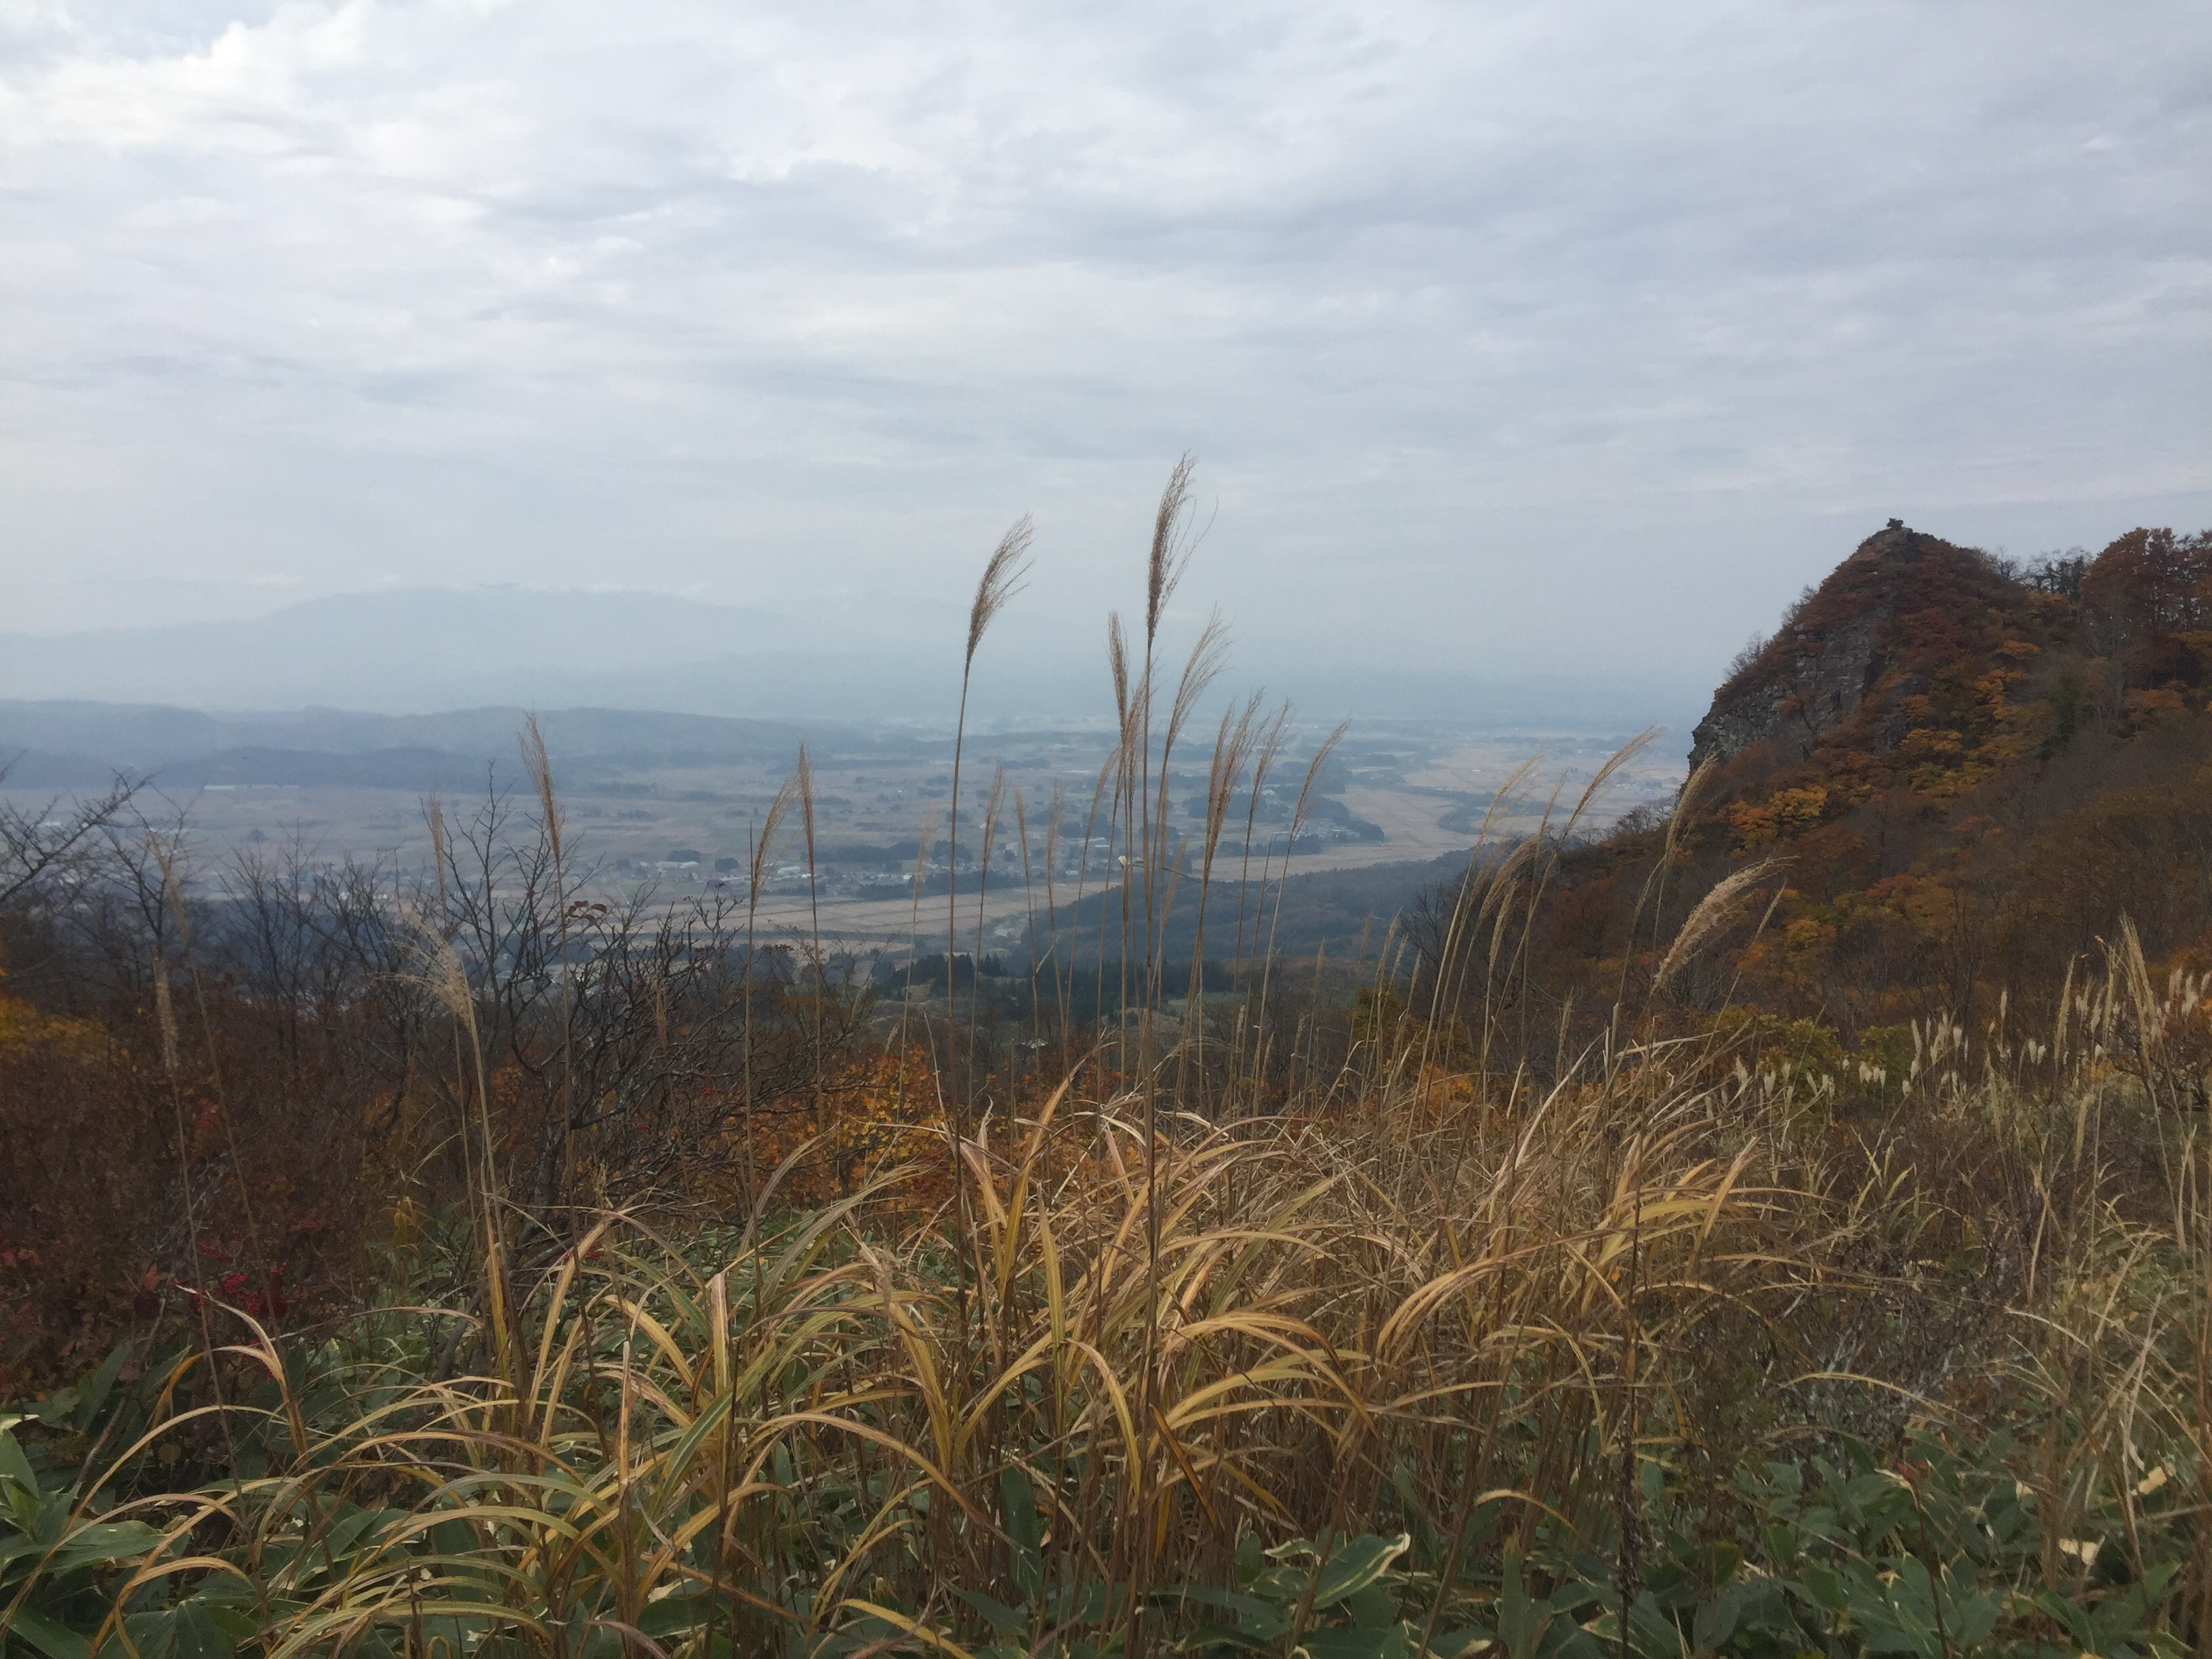 二ツ森 山形百名山 登山道